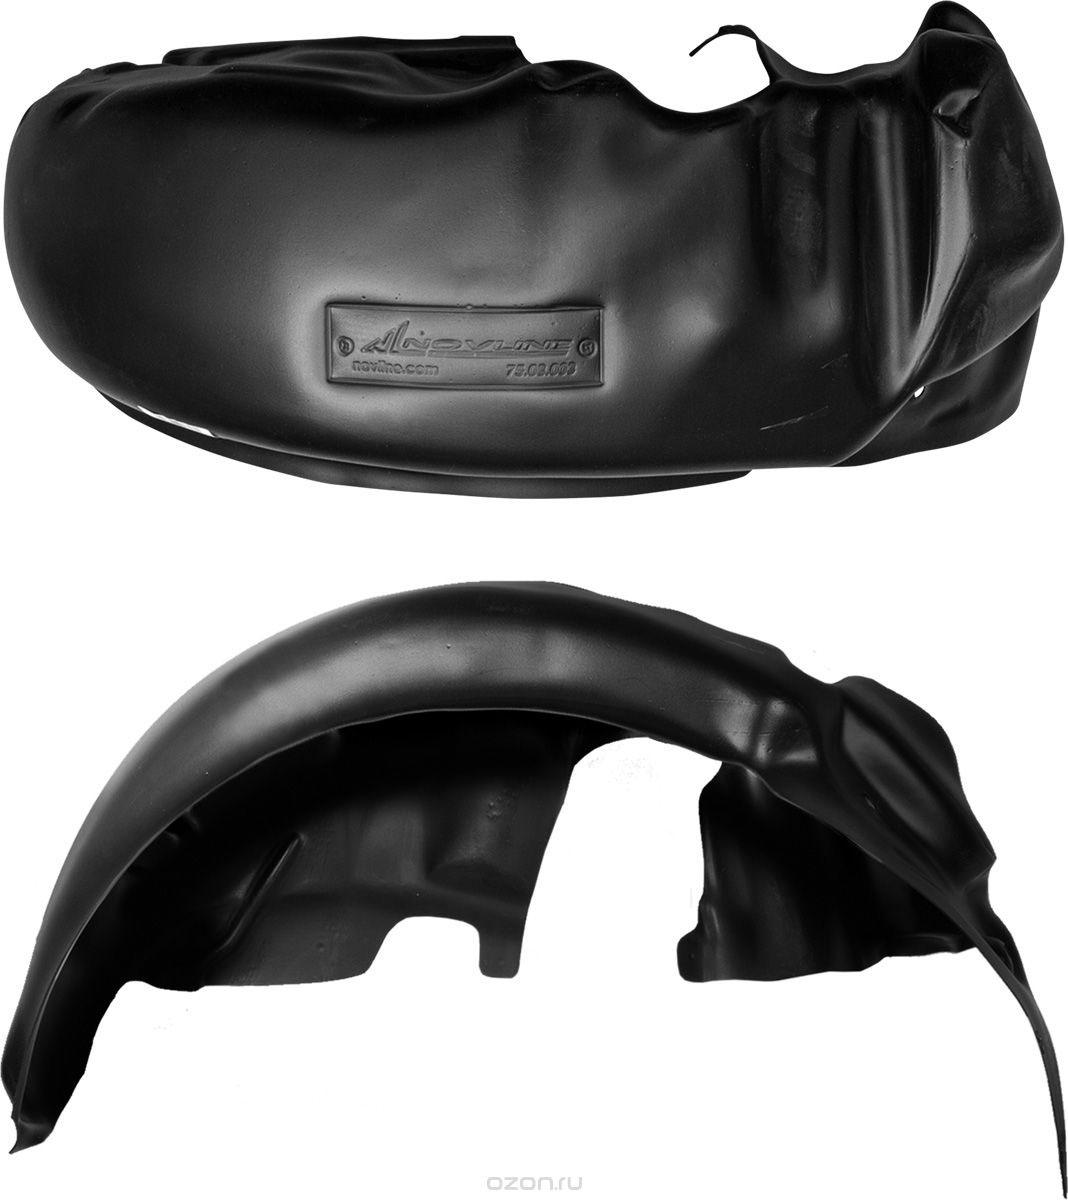 Подкрылок Novline-Autofamily, для CHERY Tiggo, 2014-2016, T(21, задний левый42803004Идеальная защита колесной ниши. Локеры разработаны с применением цифровых технологий, гарантируют максимальную повторяемость поверхности арки. Изделия устанавливаются без нарушения лакокрасочного покрытия автомобиля, каждый подкрылок комплектуется крепежом. Уважаемые клиенты, обращаем ваше внимание, что фотографии на подкрылки универсальные и не отражают реальную форму изделия. При этом само изделие идет точно под размер указанного автомобиля.